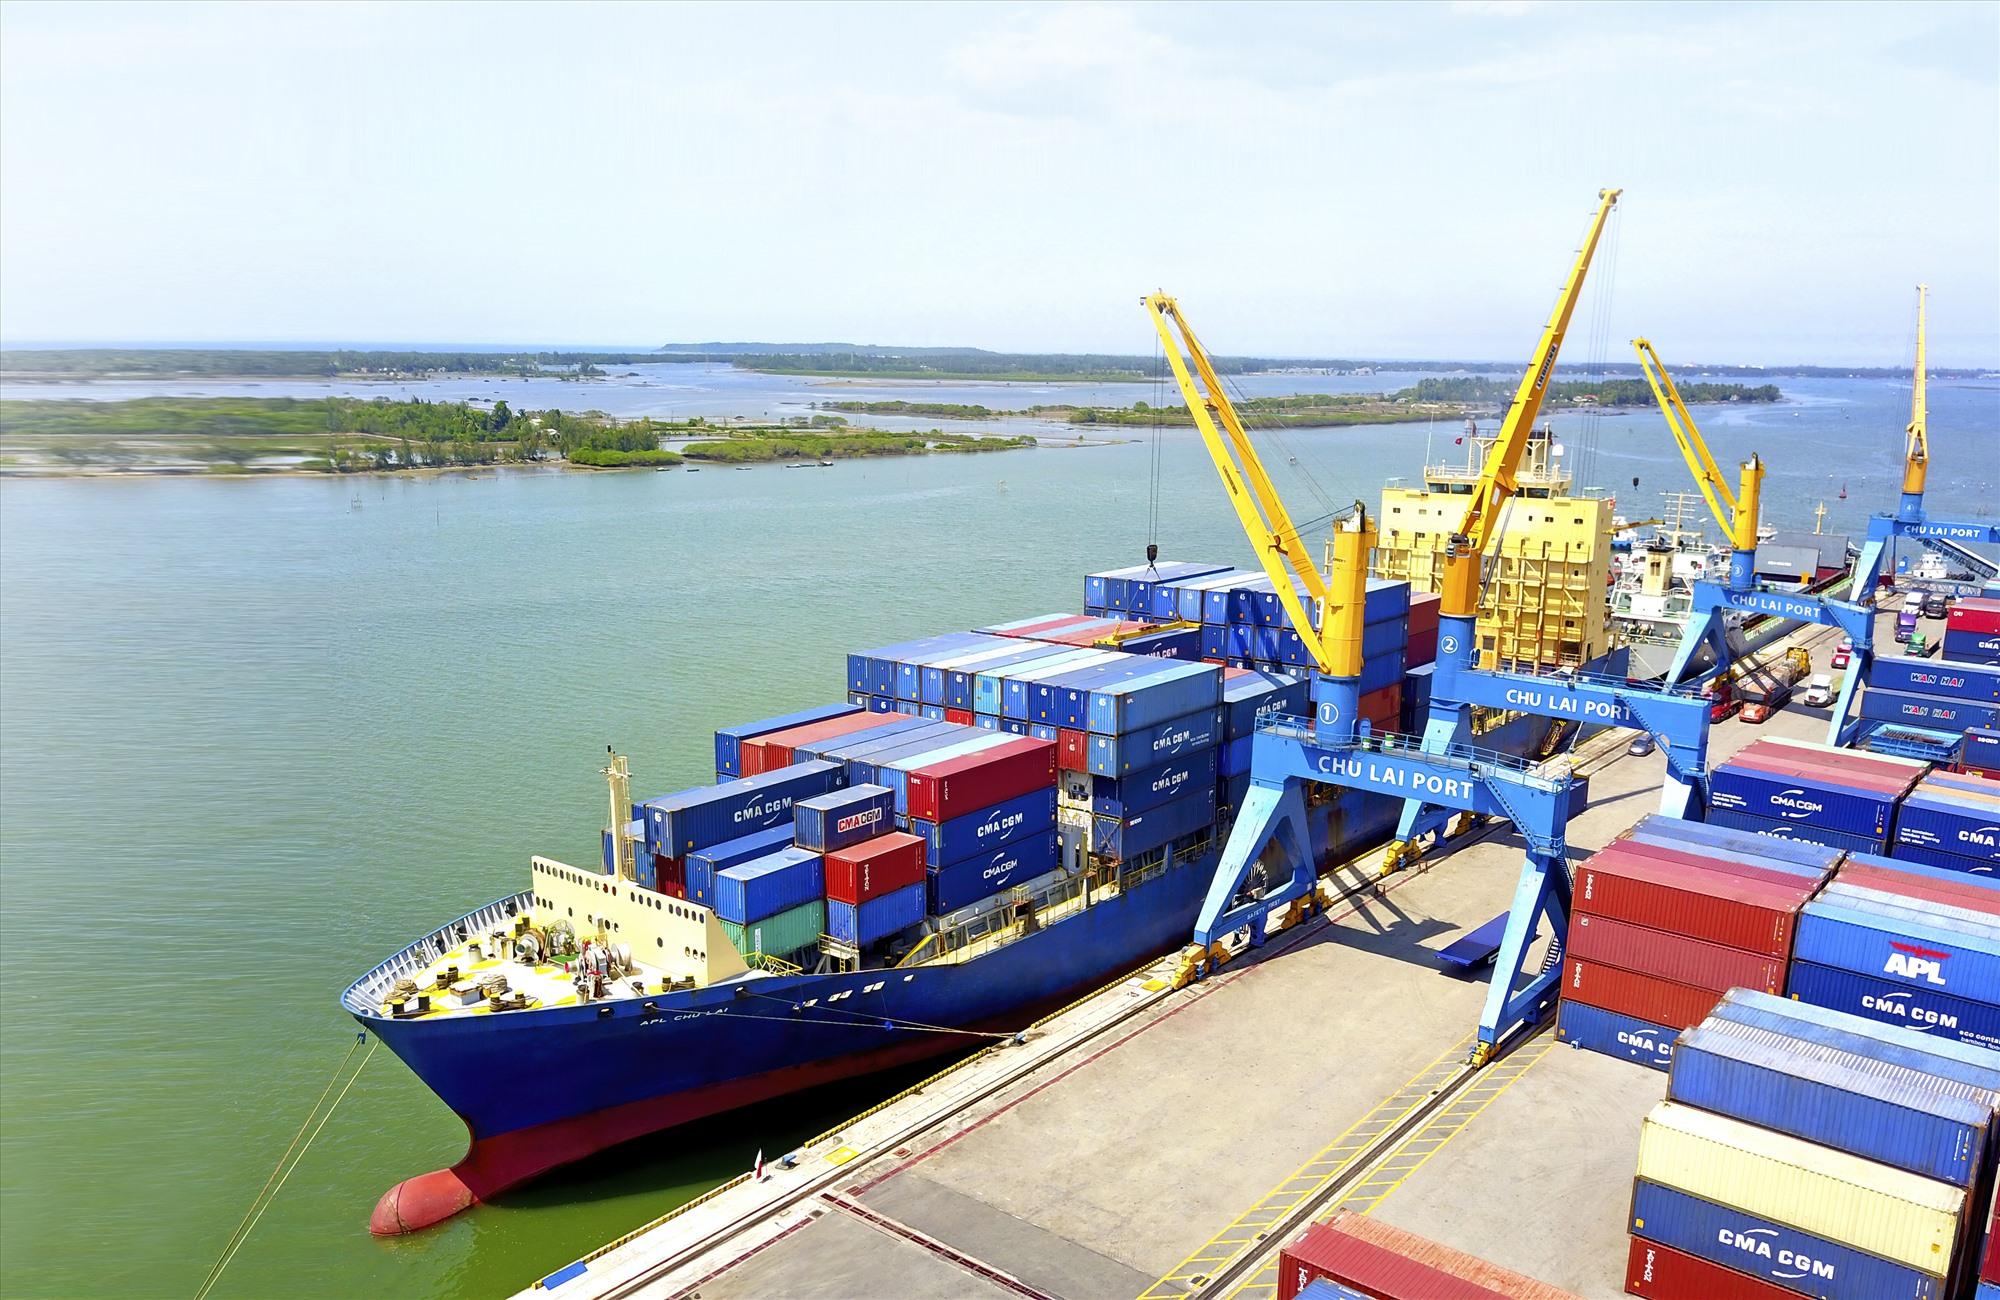 Tàu thuộc hãng APL cập bến và làm hàng tại cảng Chu Lai.